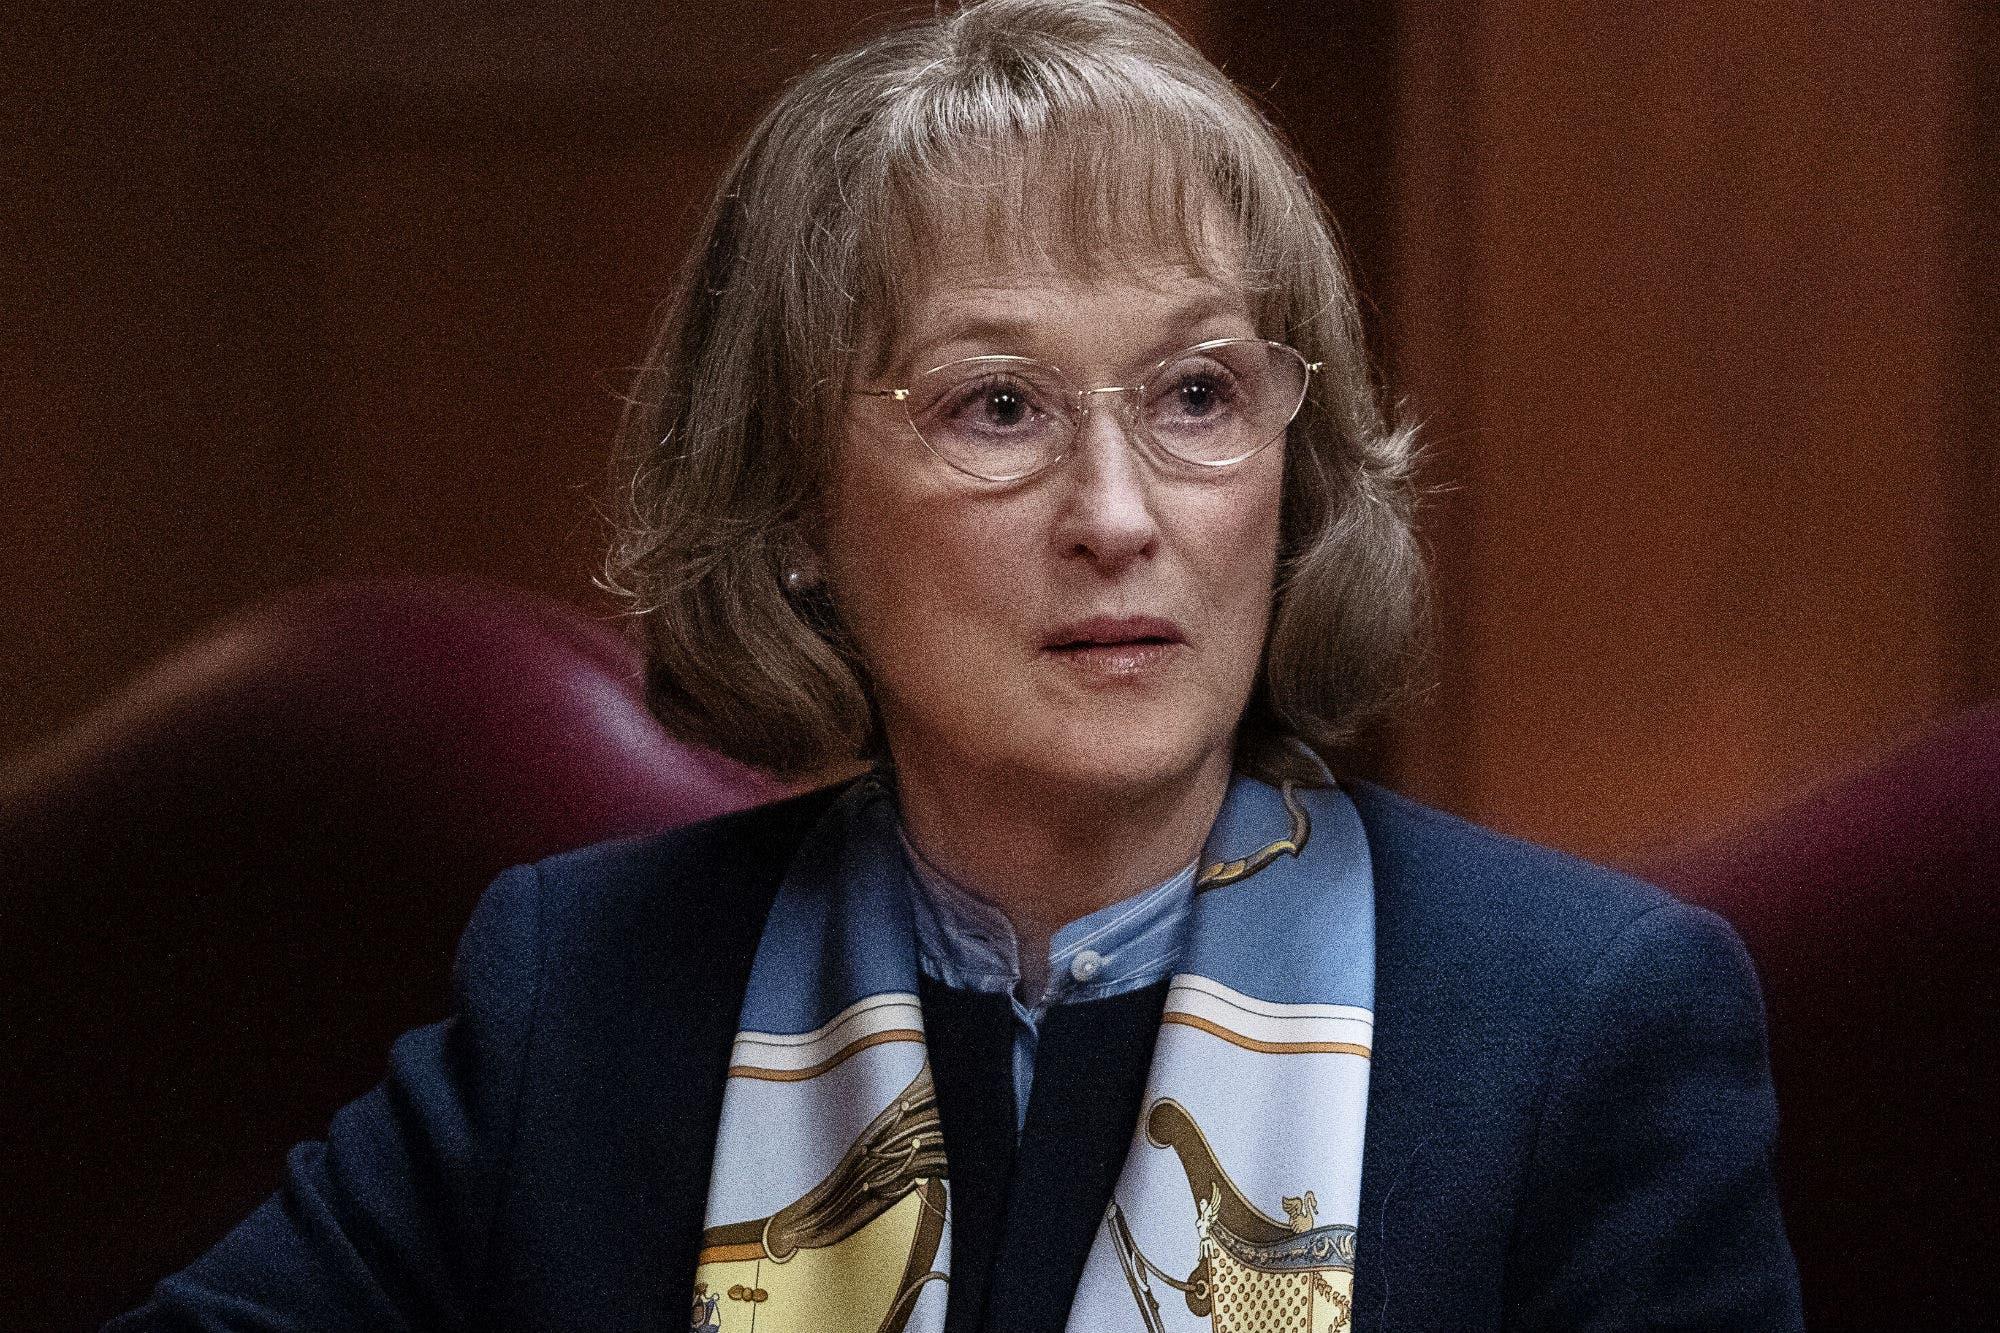 La opinión de Meryl Streep sobre la pelea entre Netflix y las salas de cine